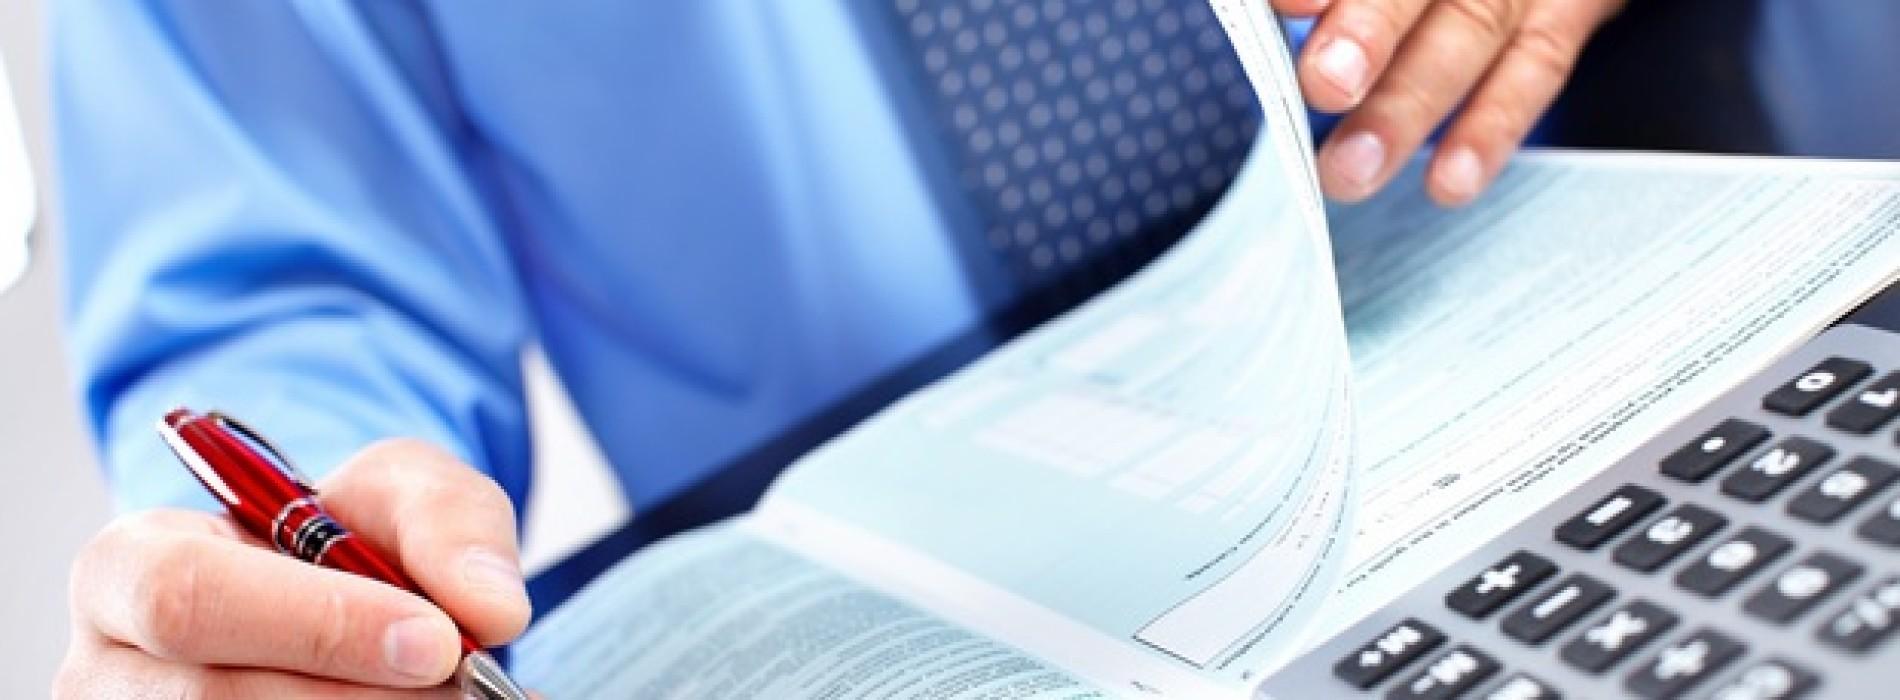 Jak zarejestrować się jako podatnik VAT?